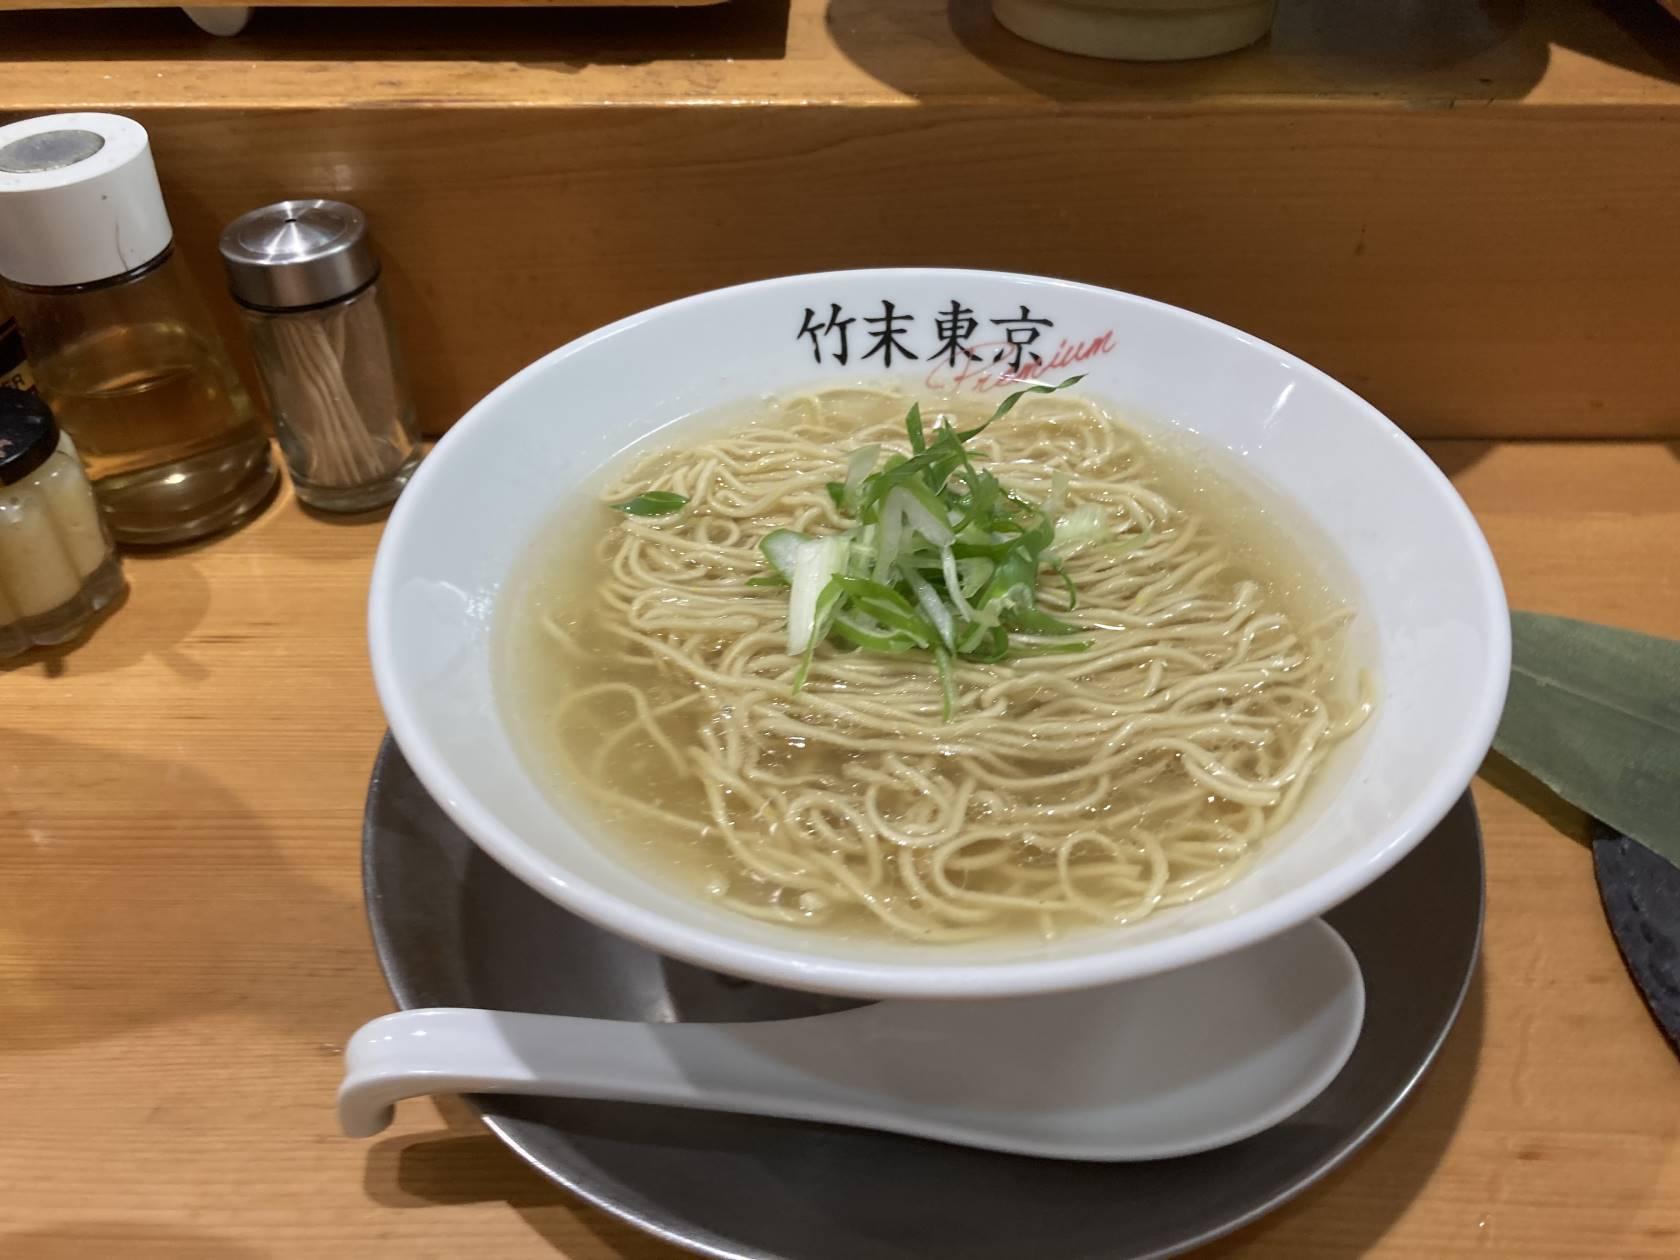 限定麺『山川豊』鮎のスープ